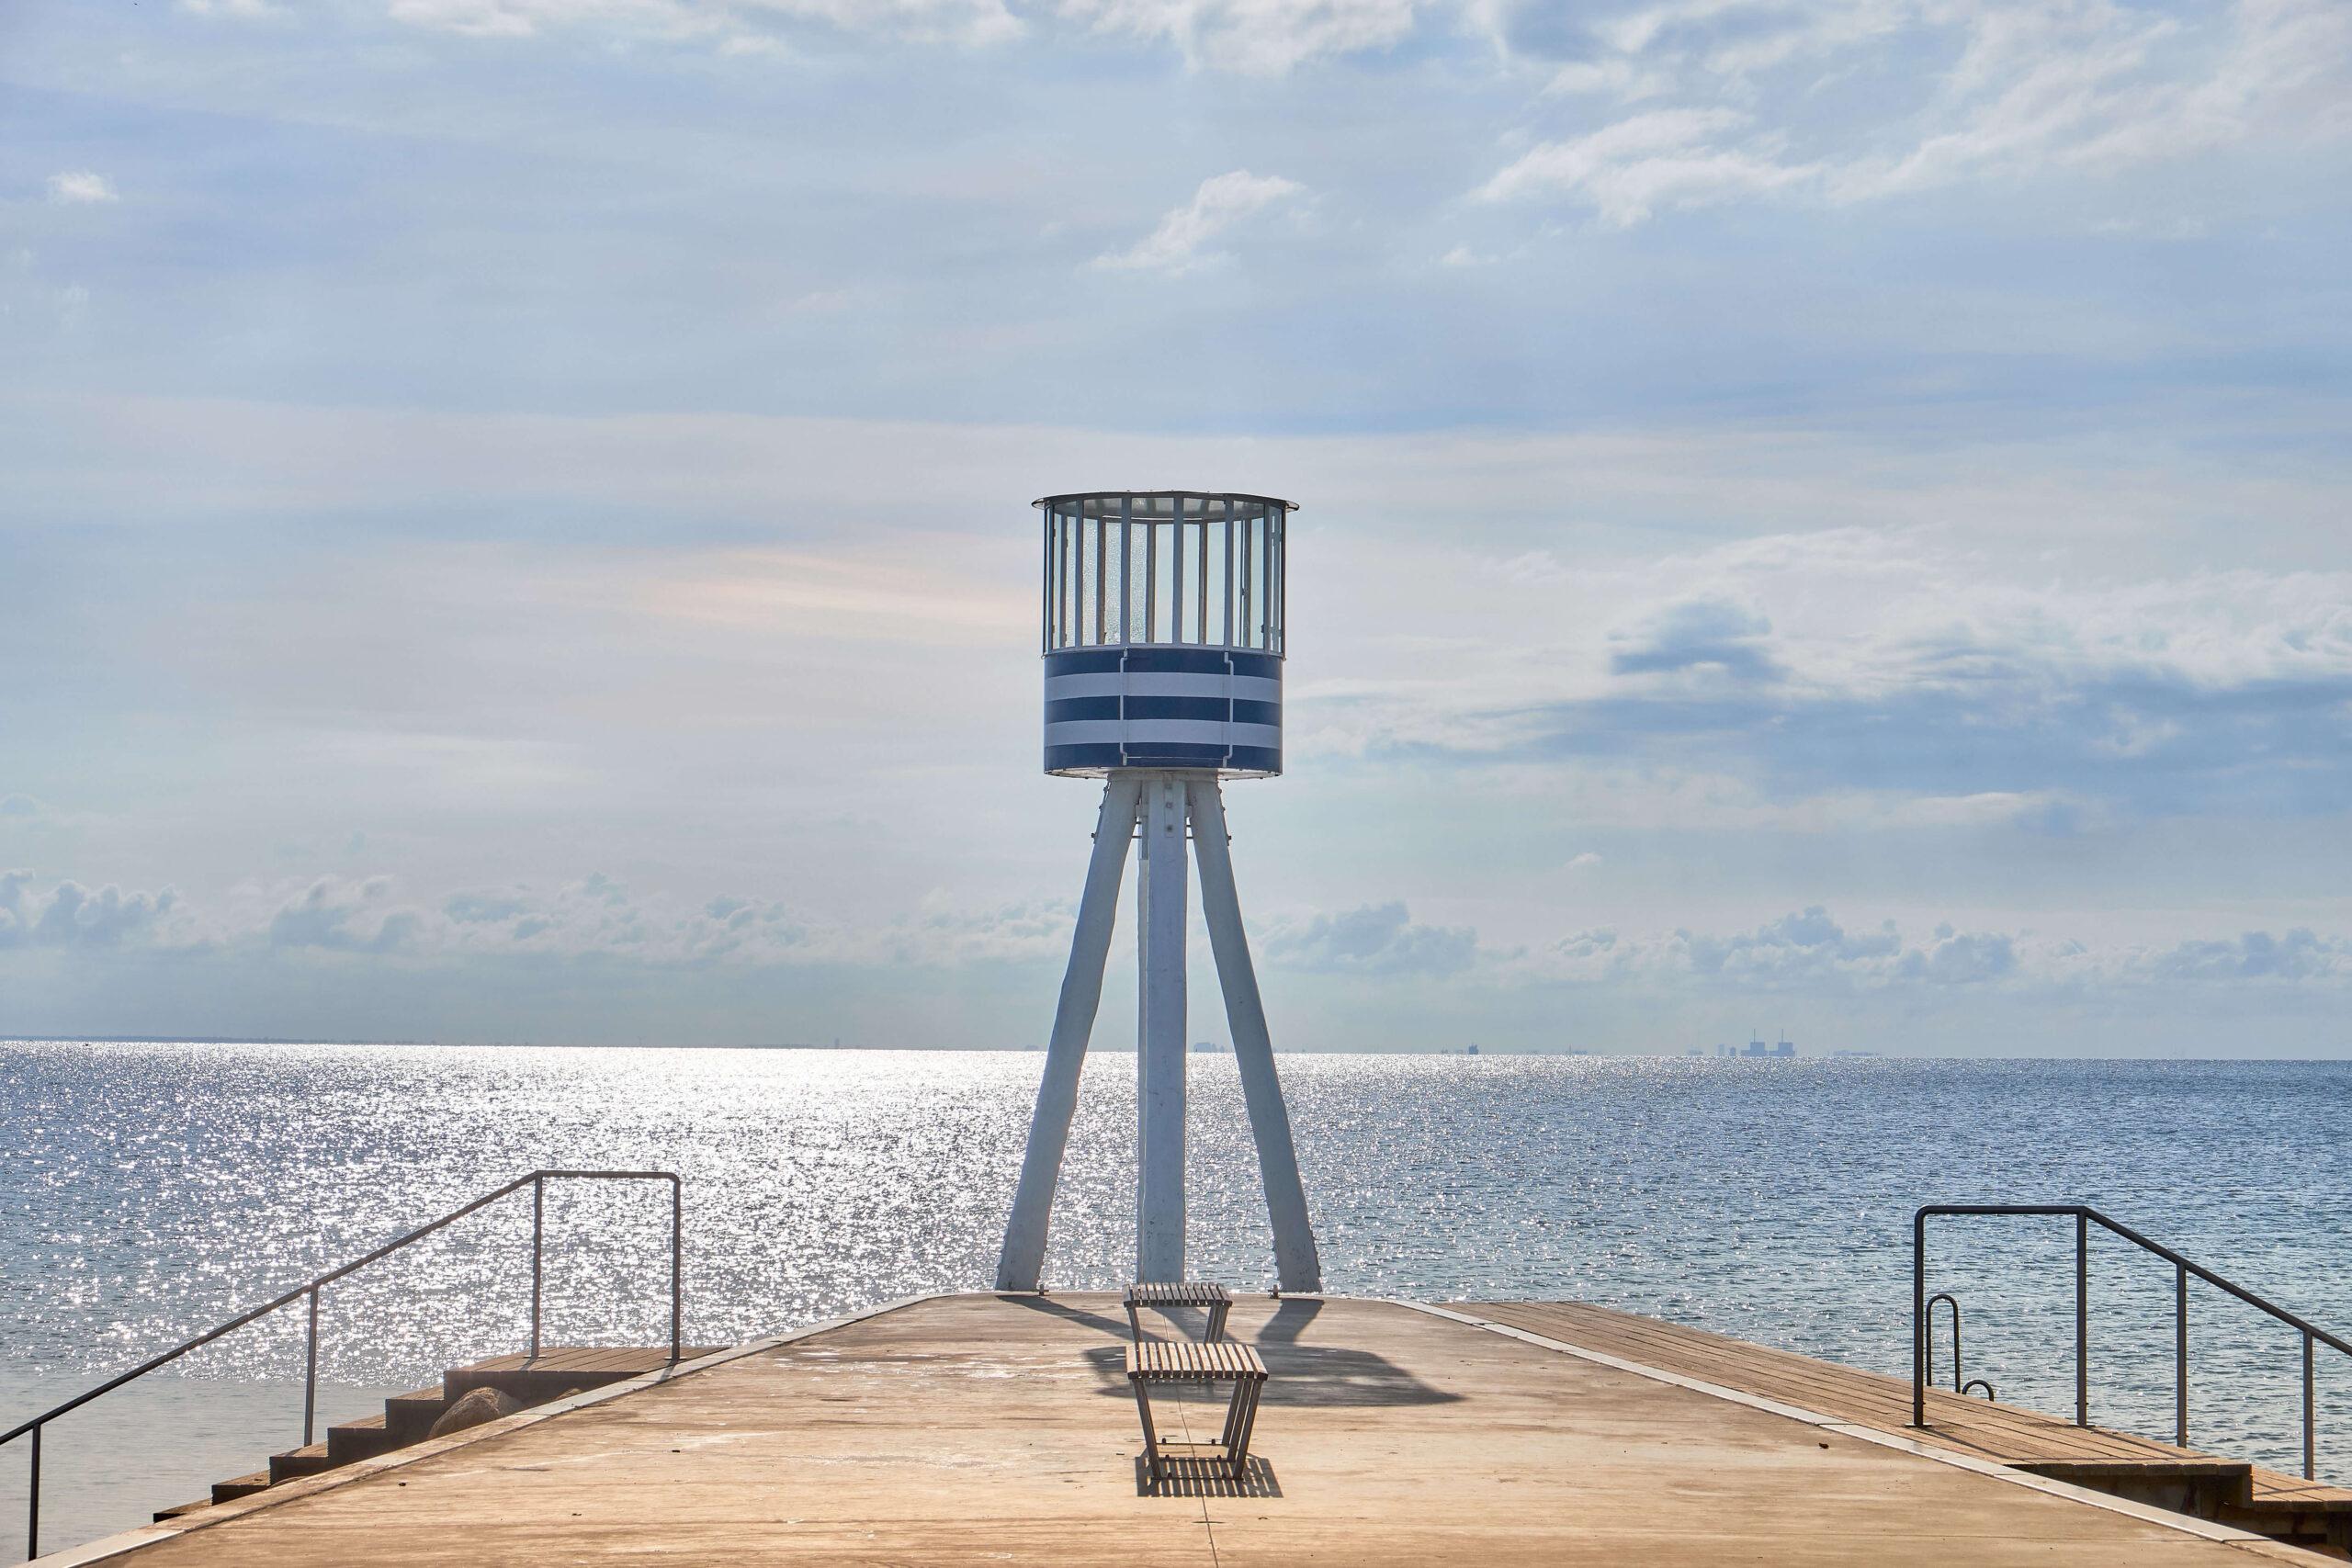 ライフガードタワー 監視塔 ベルヴュービーチ